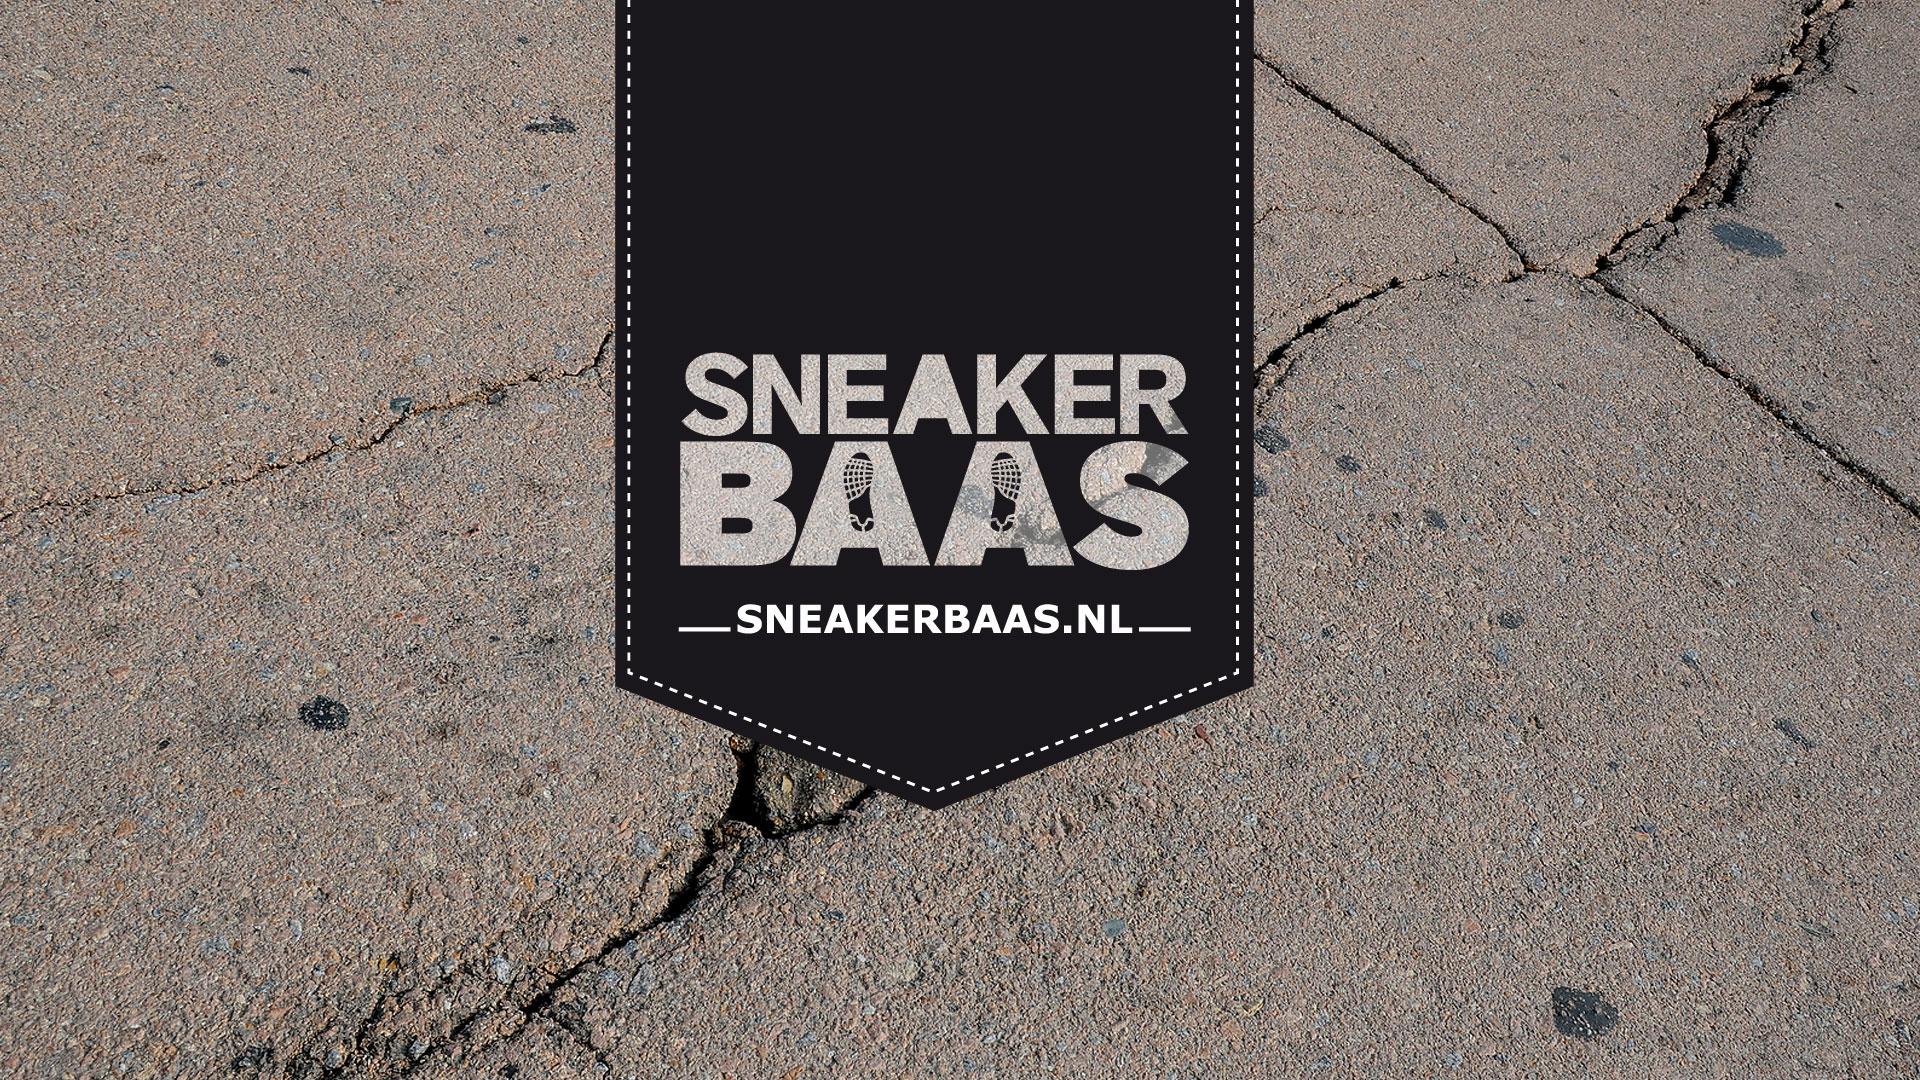 sneakerbaas-01